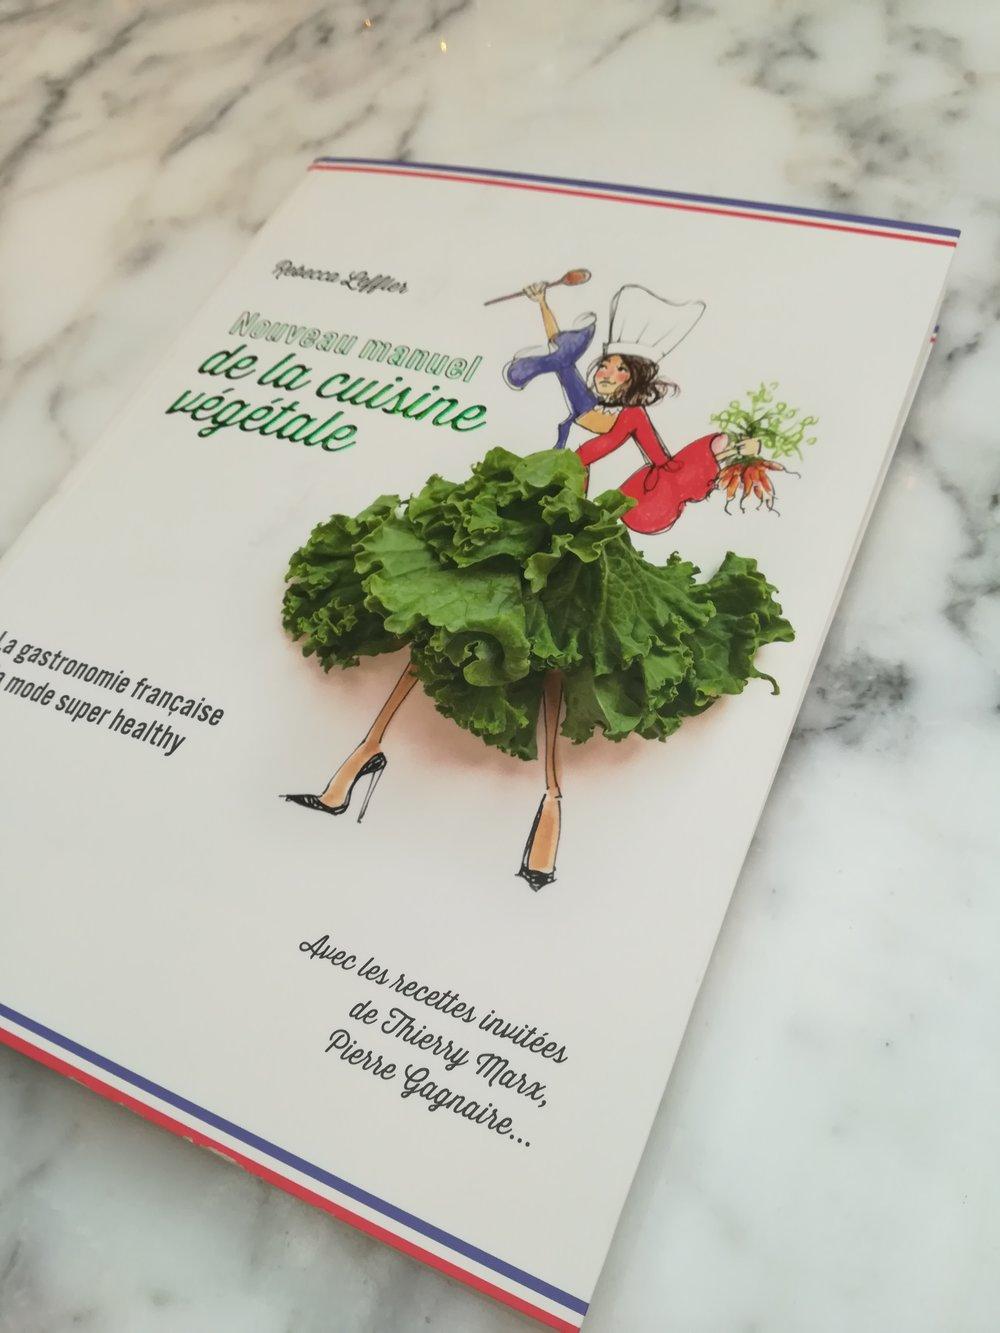 Nouveau Manuel de la Cuisine Végétale by Rebecca Leffler. Published by Solar Editions